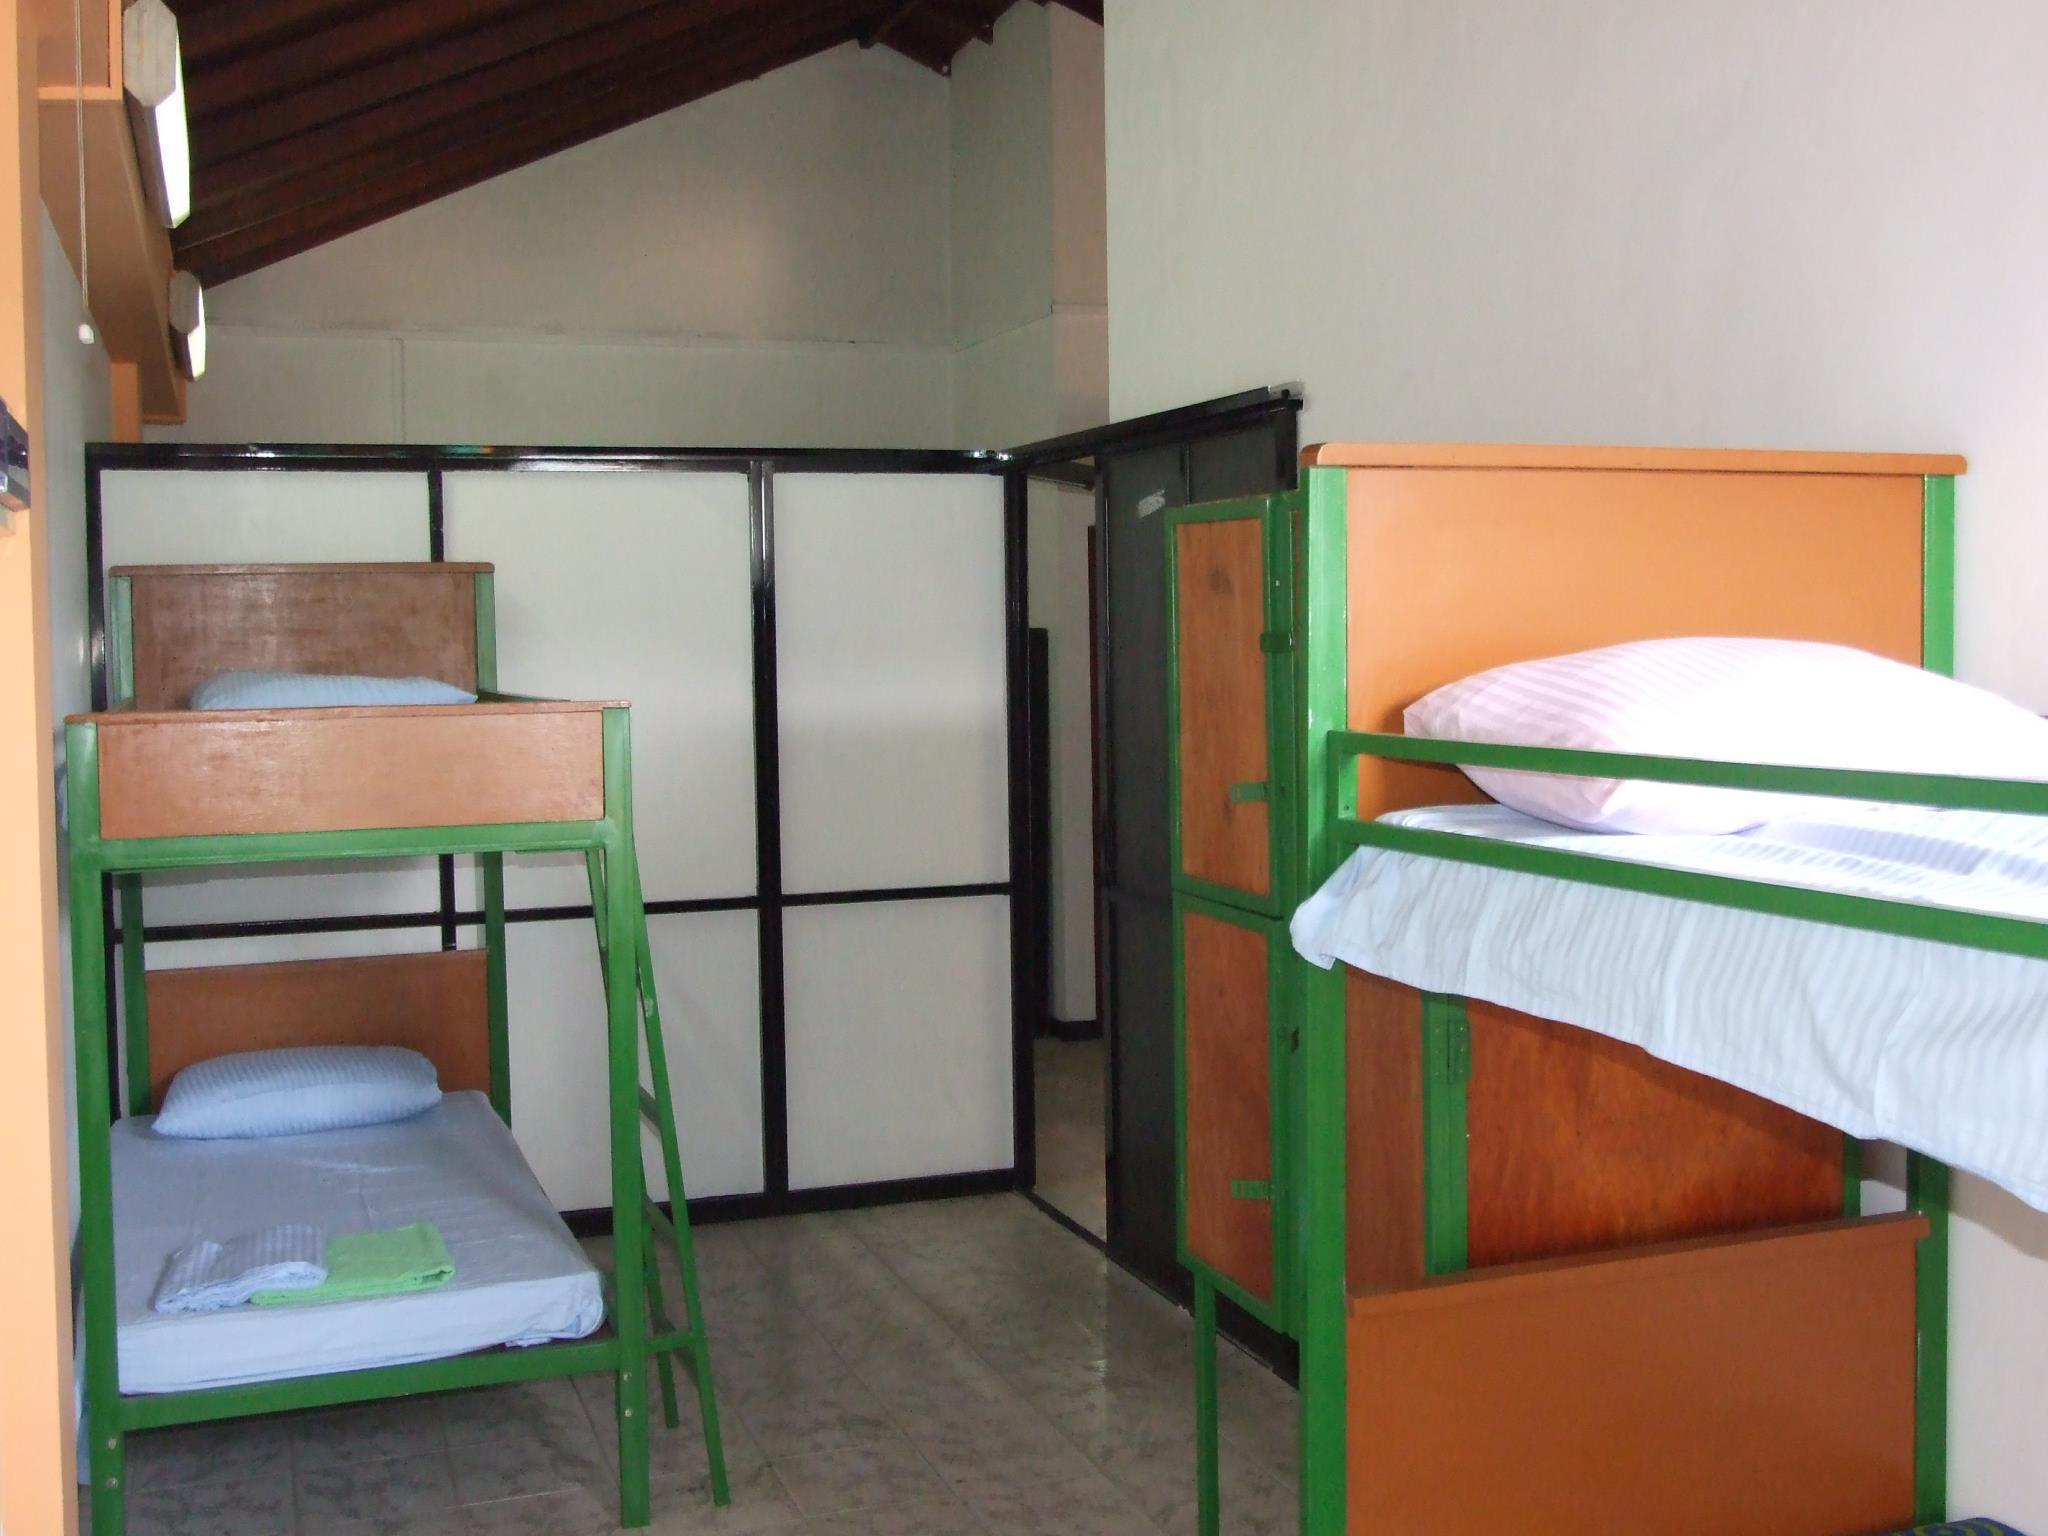 Kandy Central Hostel